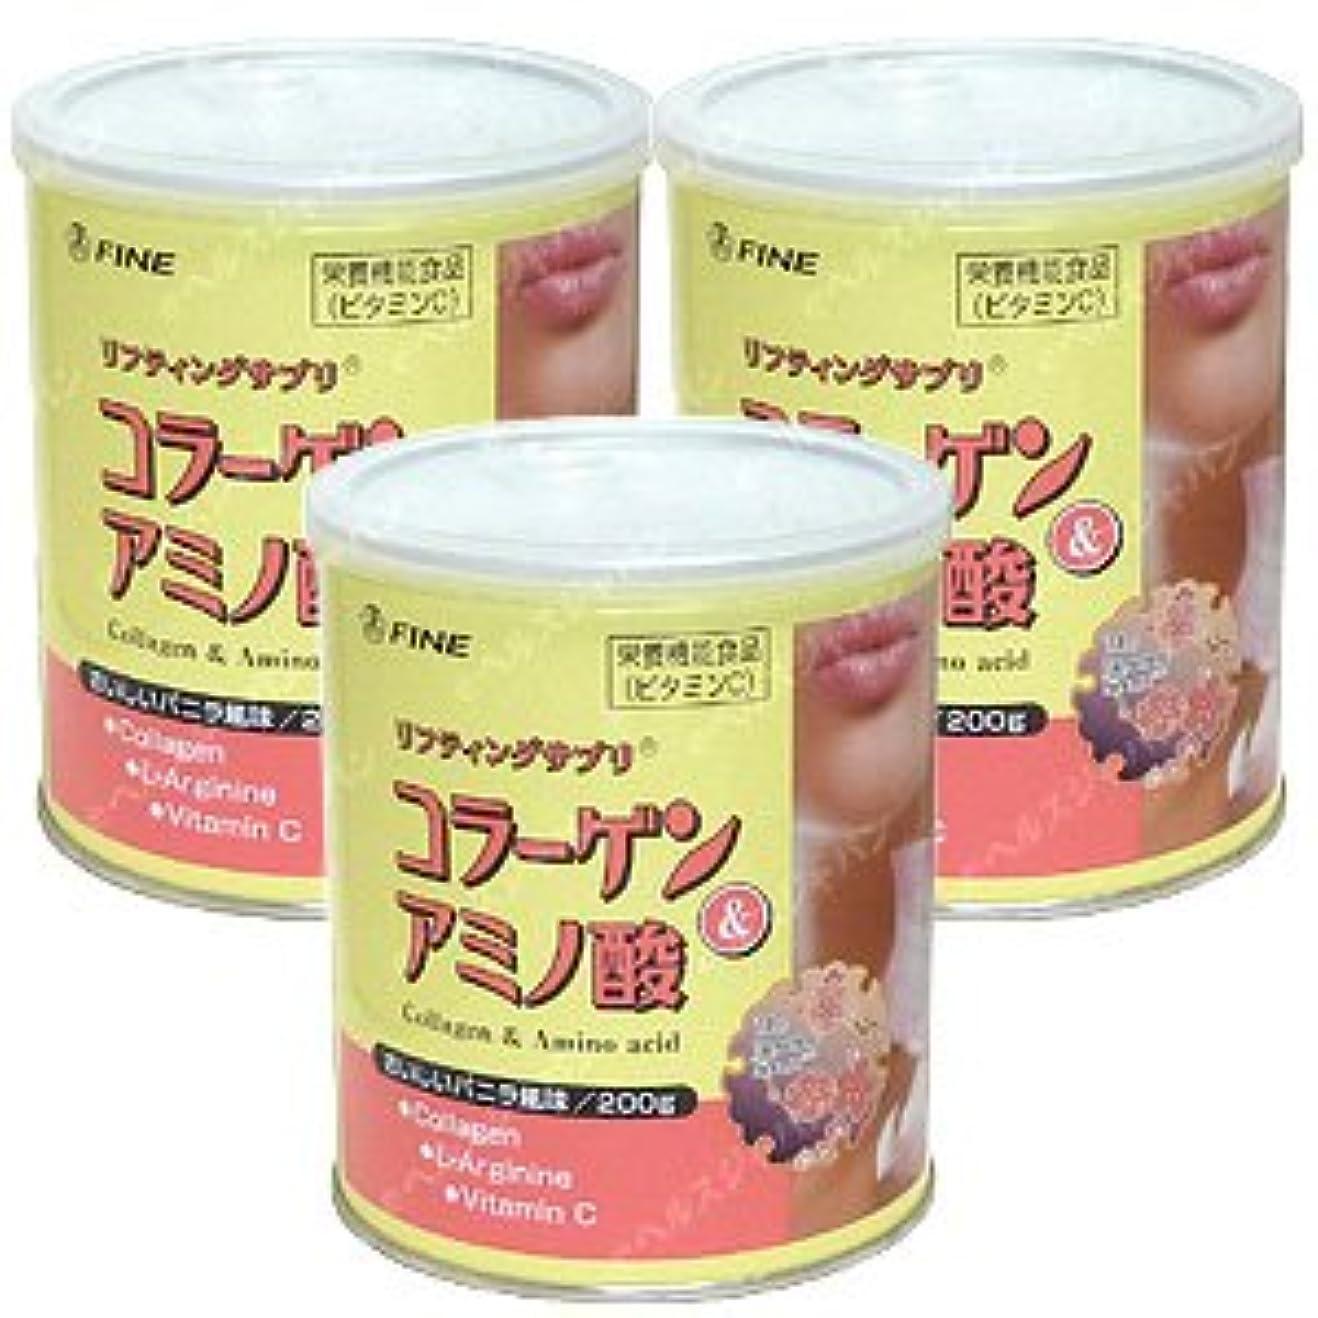 水素キャストうぬぼれたコラーゲン&アミノ酸【3缶セット】ファイン